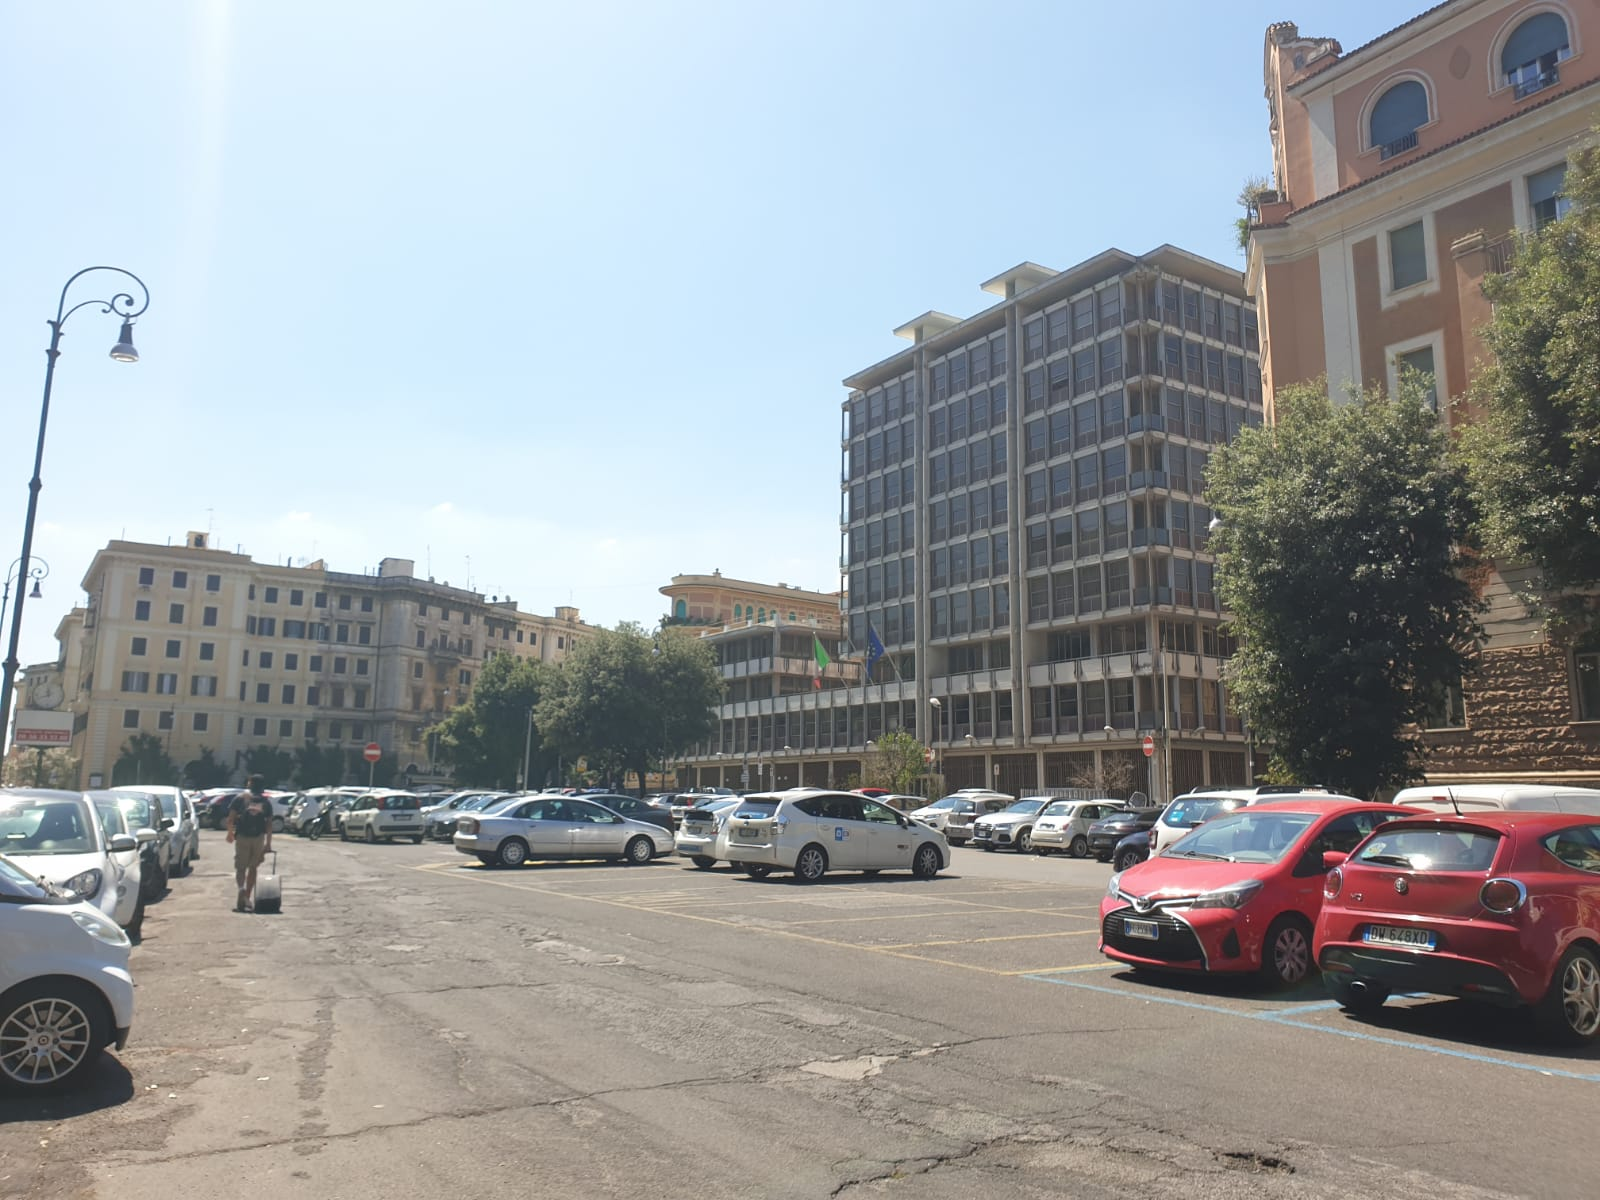 Il parcheggio a cielo aperto di piazza Verdi